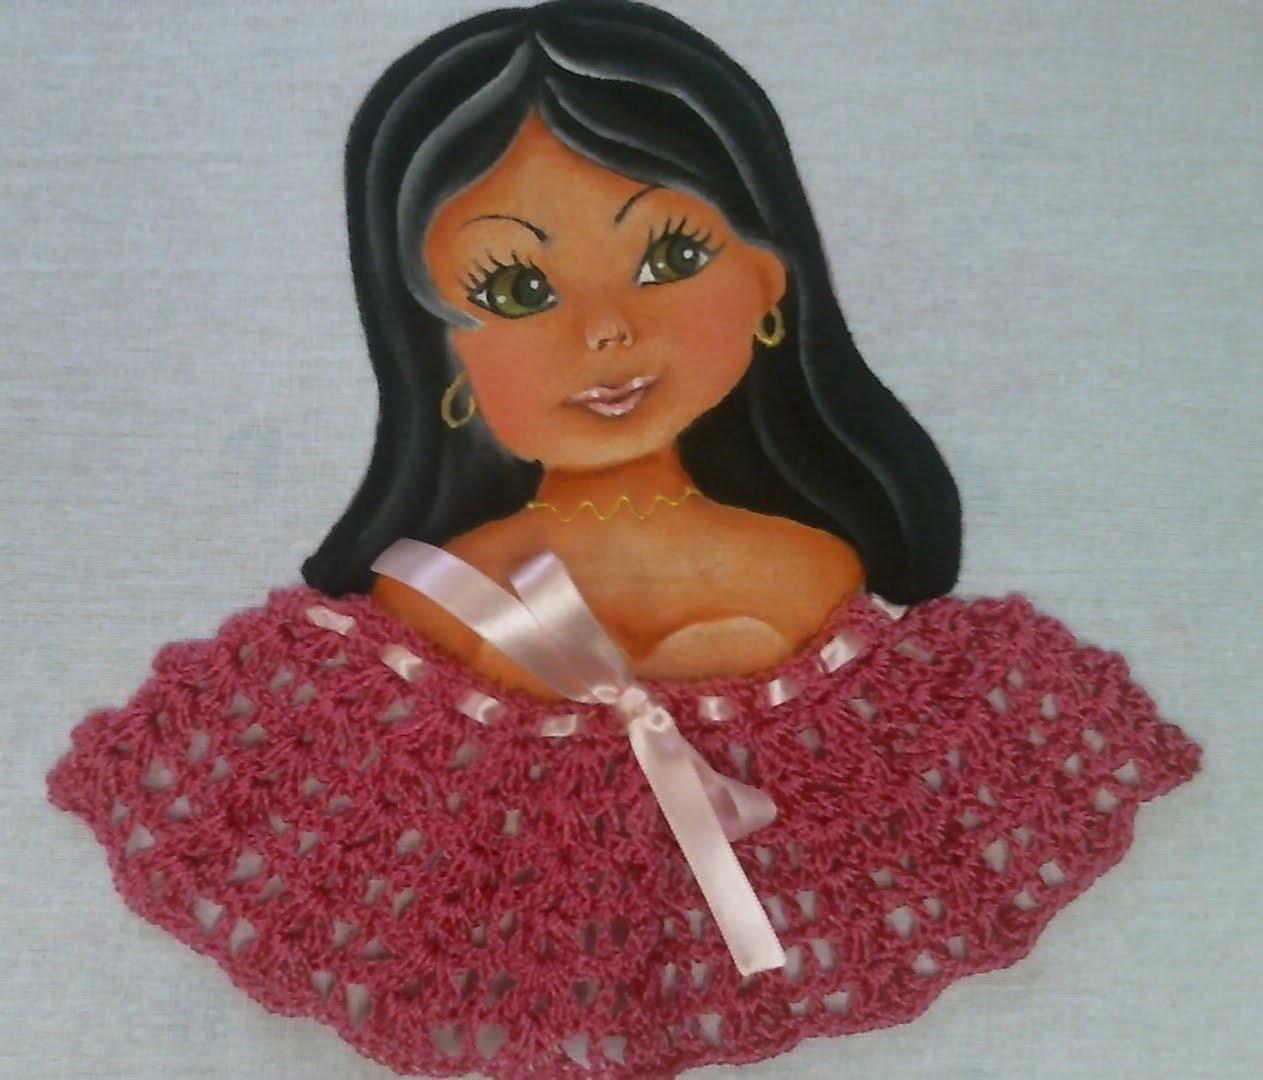 Como fazer boneca com blusa de croche pintura em tecido How to paint a dolls